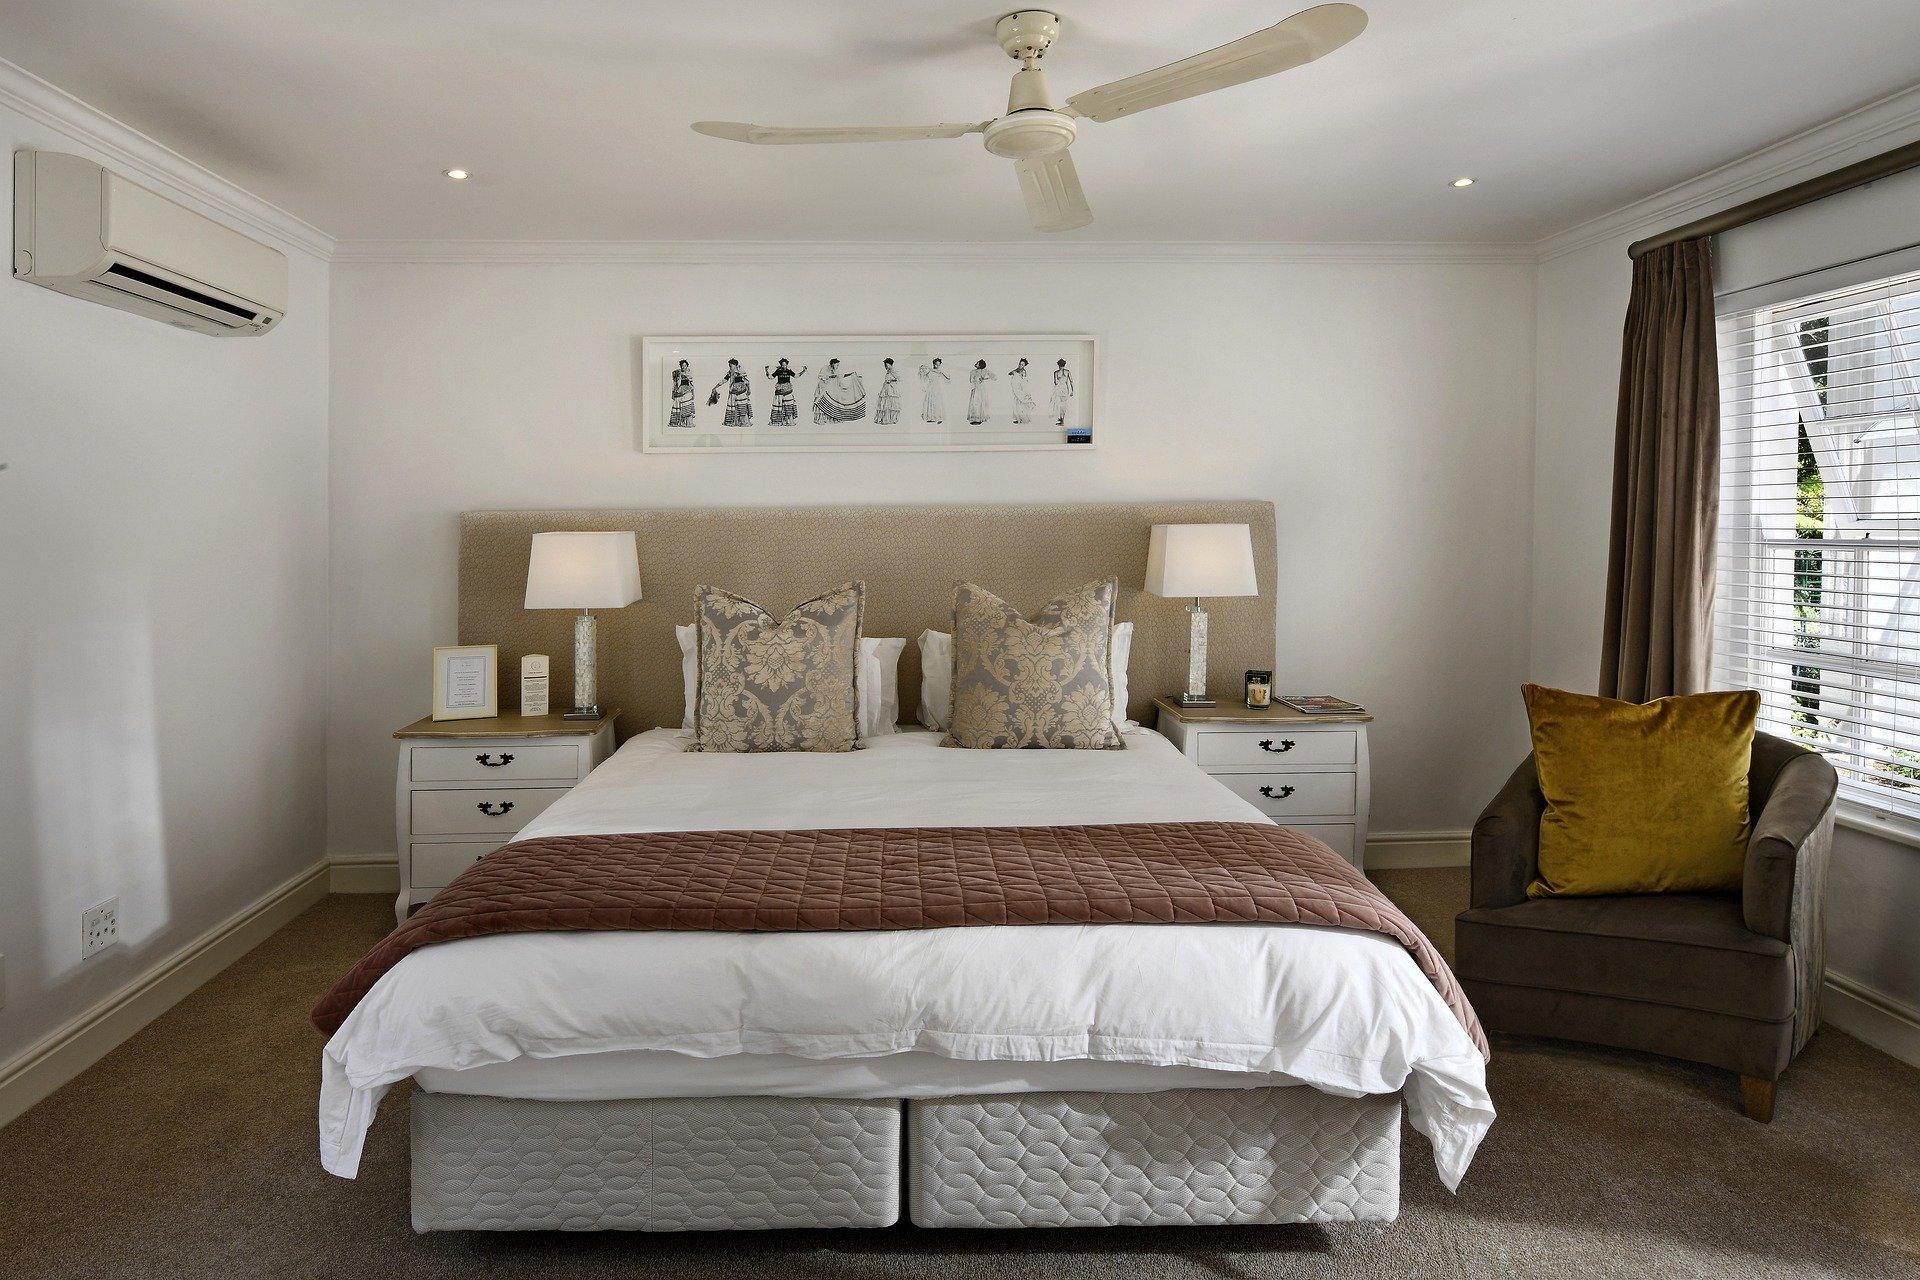 Guide d'utilisation de votre linge de lit : Les erreurs à éviter